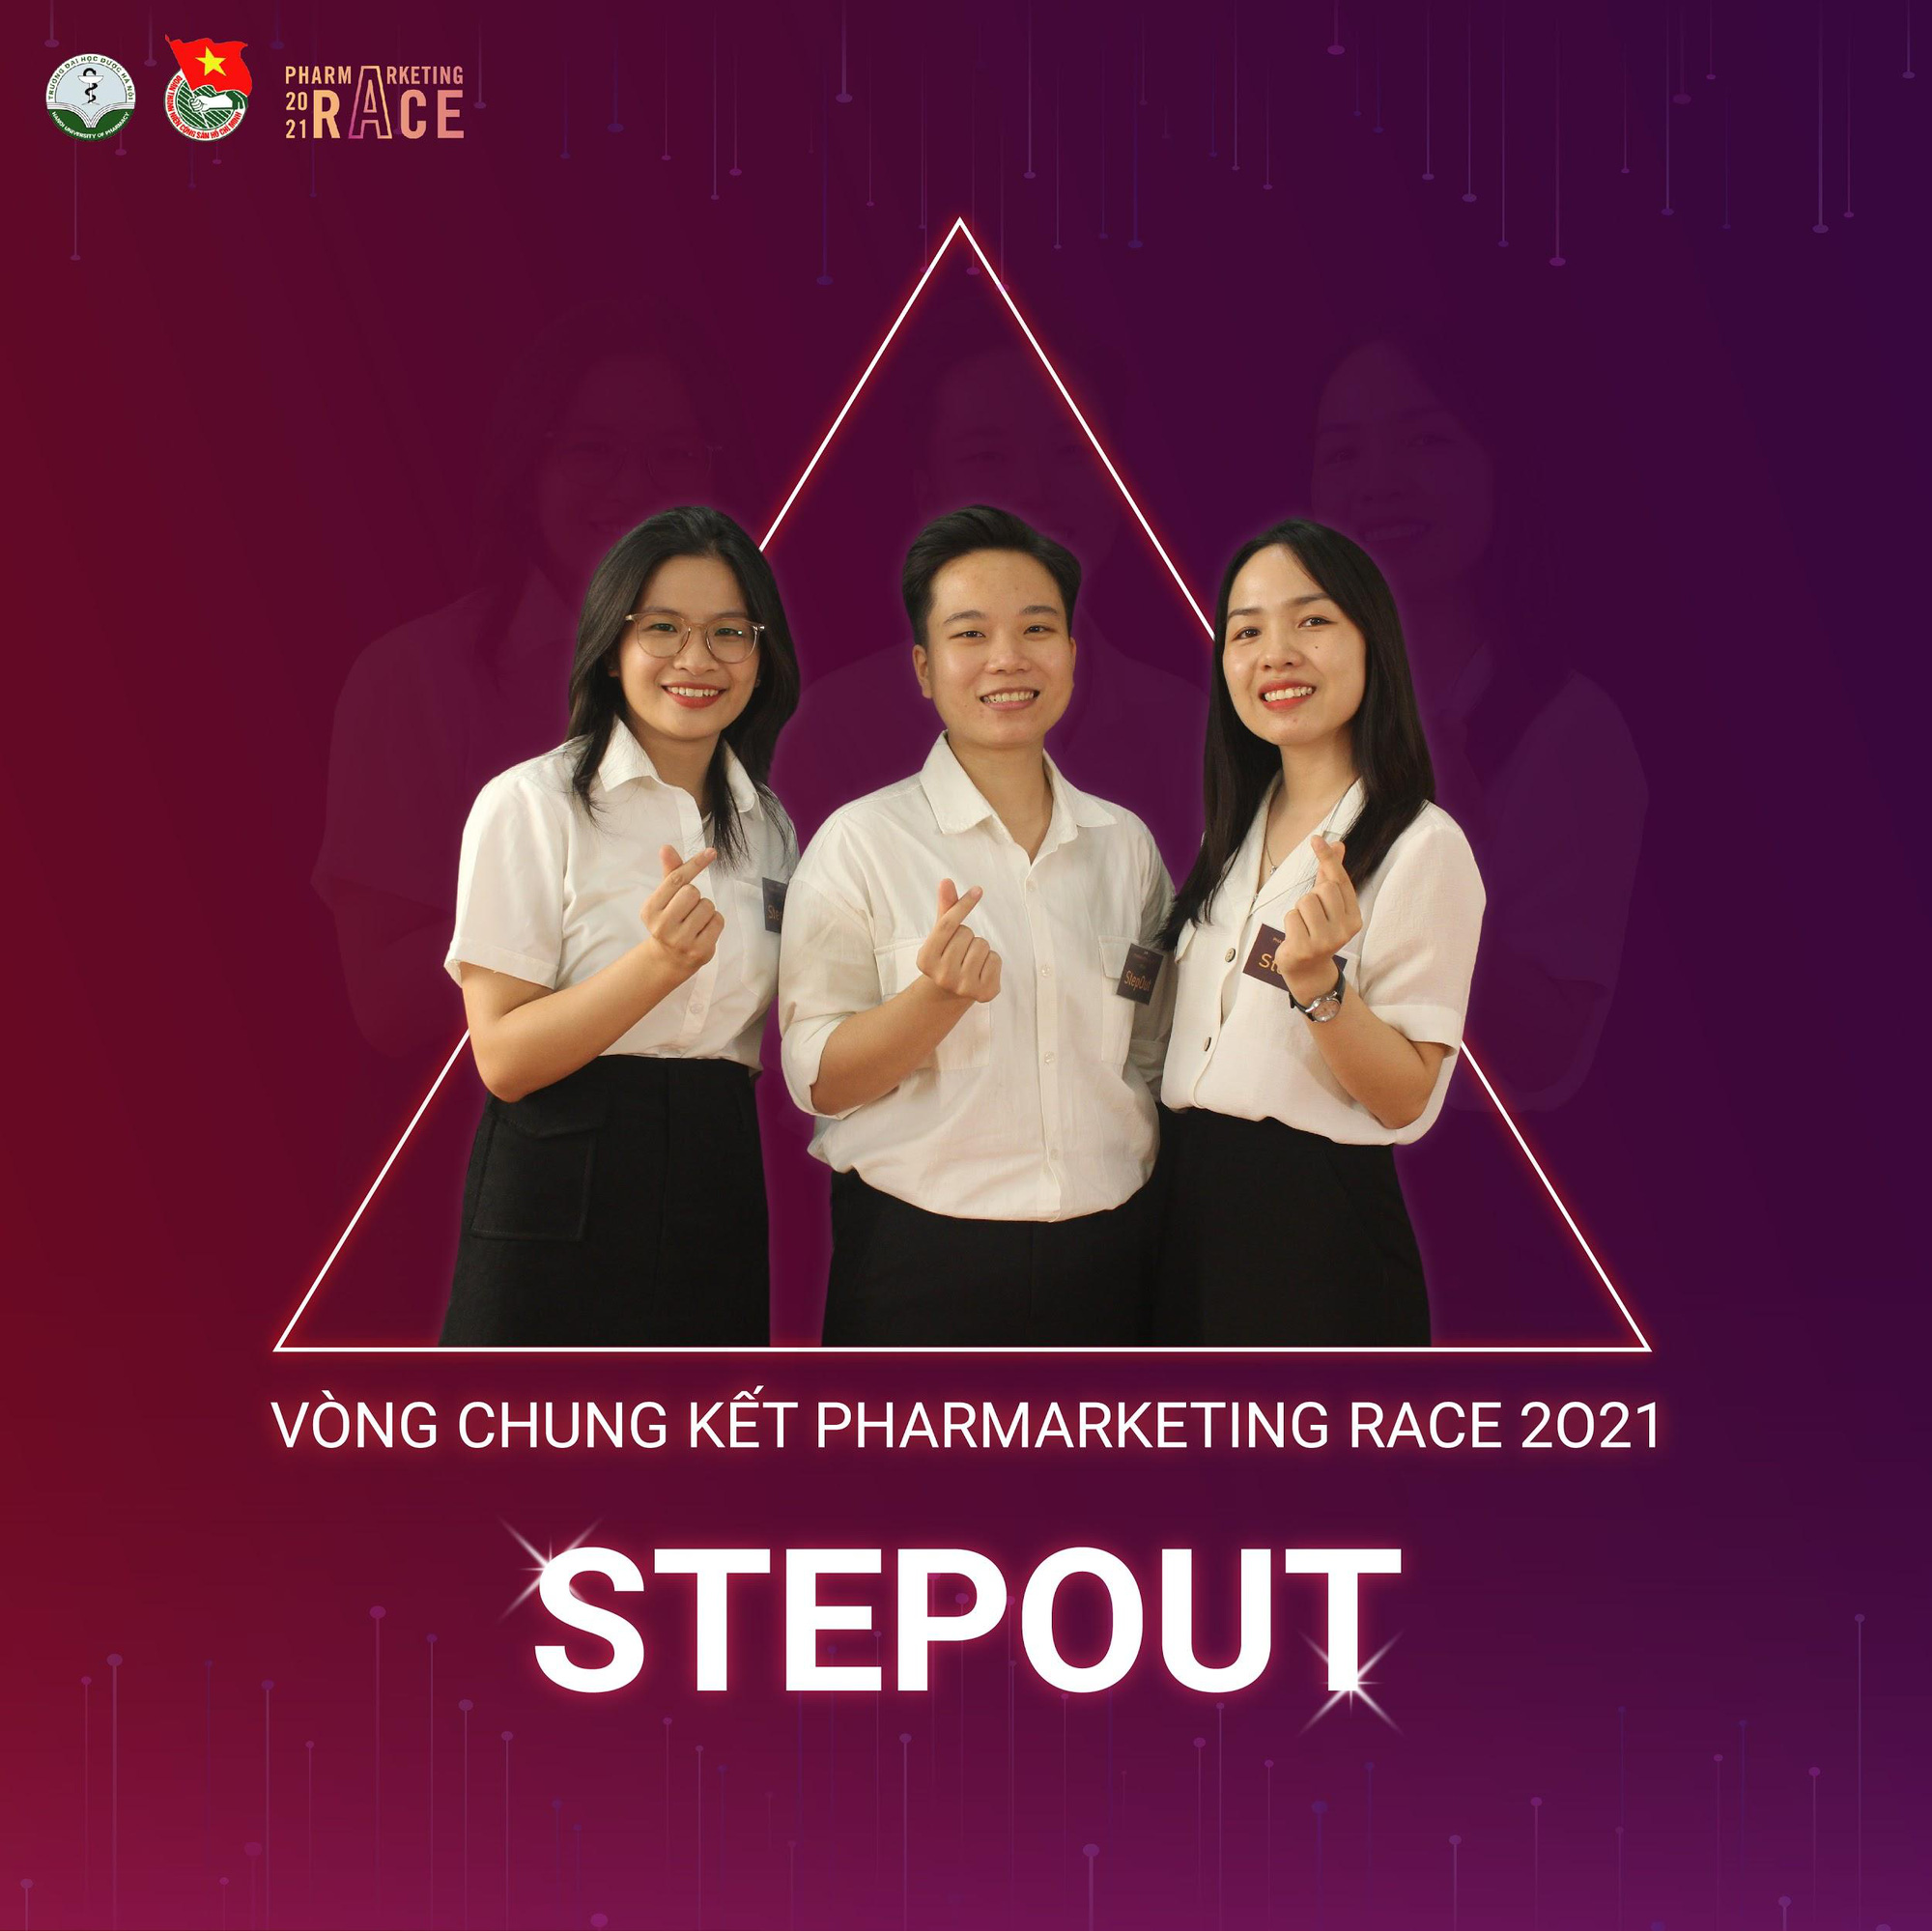 StepOut chính thức trở thành quán quân PharMarketing Race 2021 - Ảnh 4.